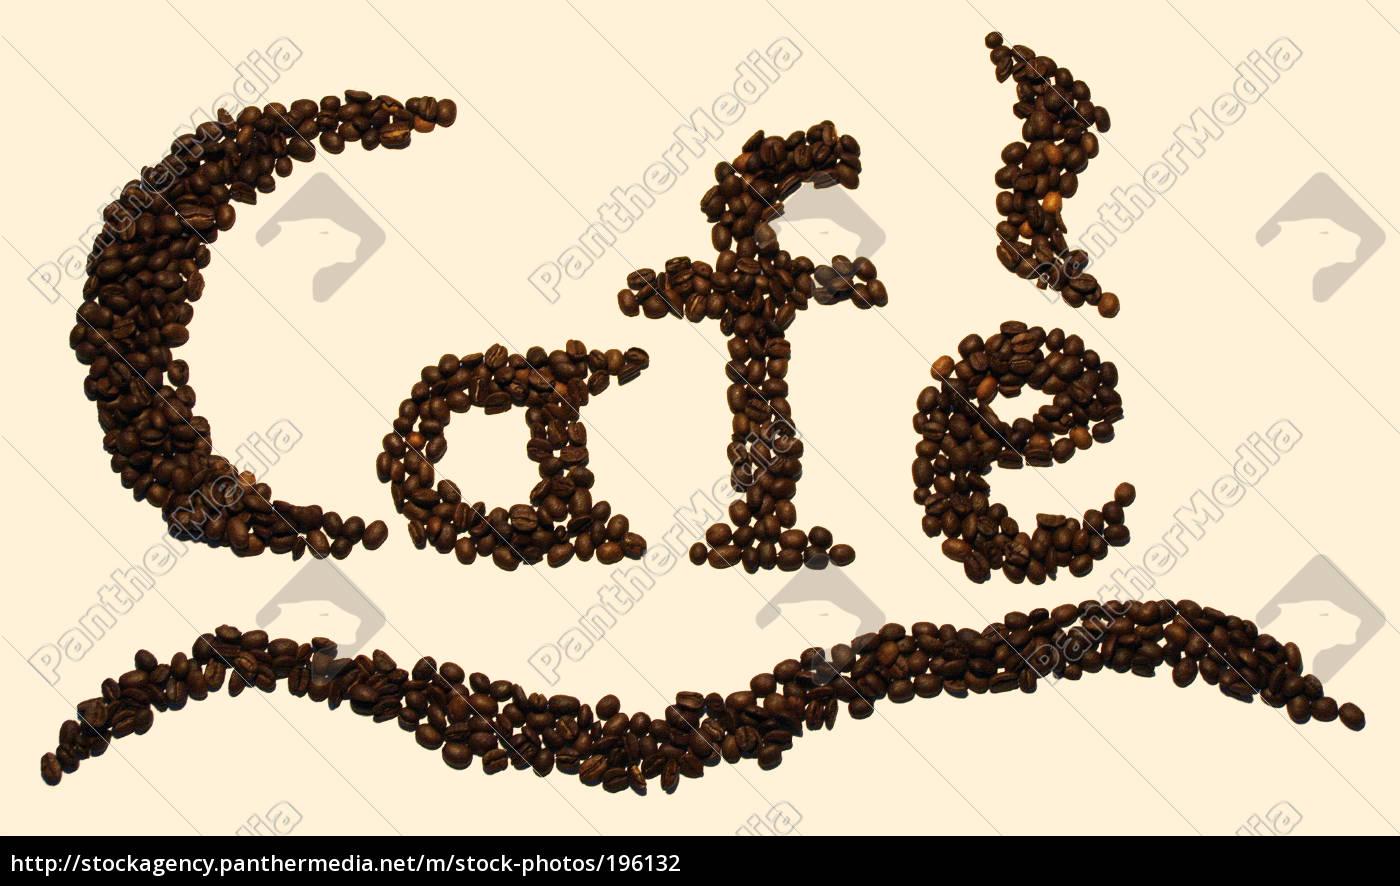 coffee - 196132